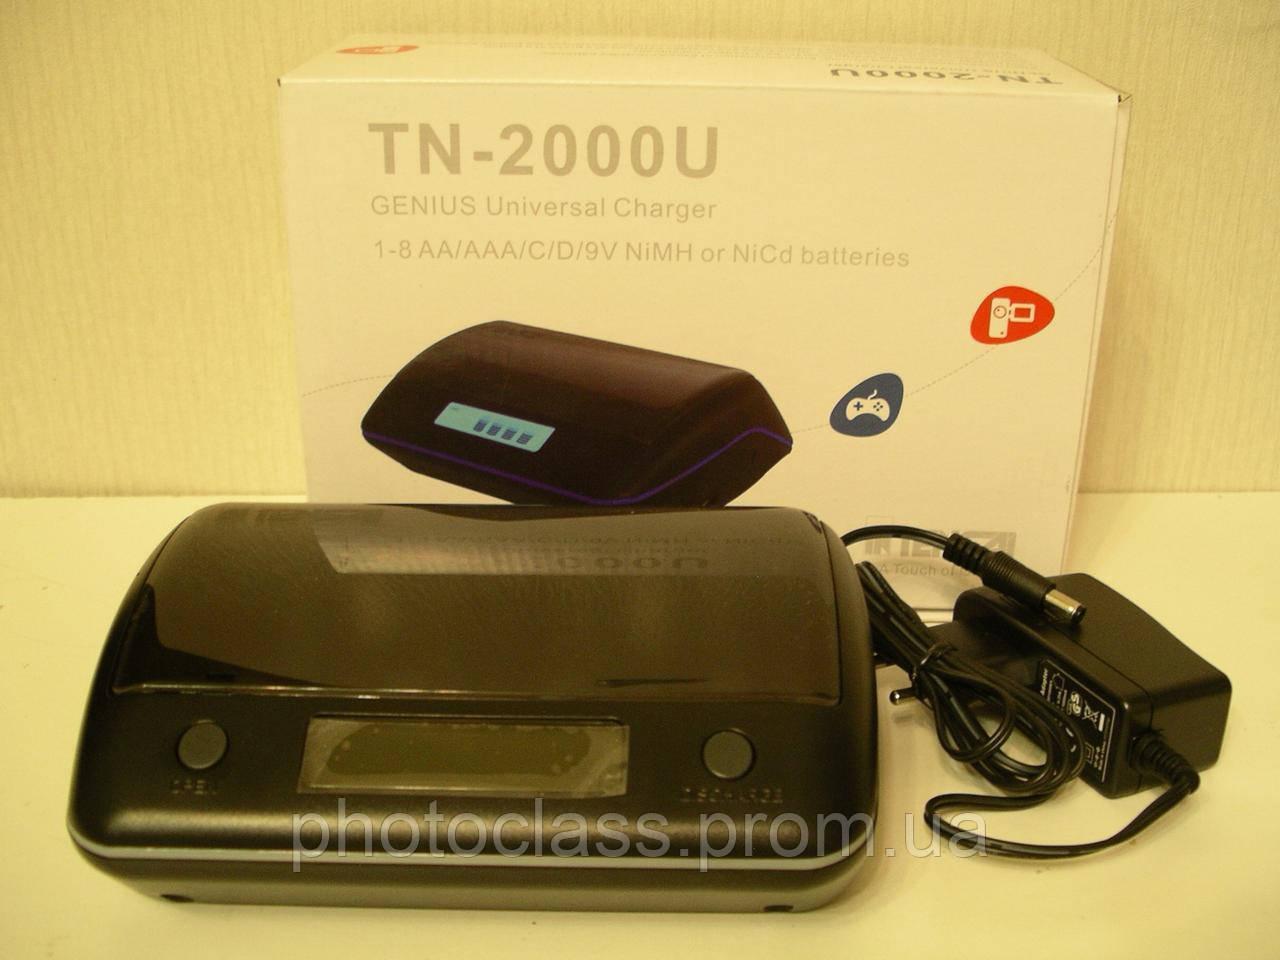 Tensai TN-2000U для заряда AA/AAA/C/D/9V Ni-MH/Ni-Cd аккумуляторов